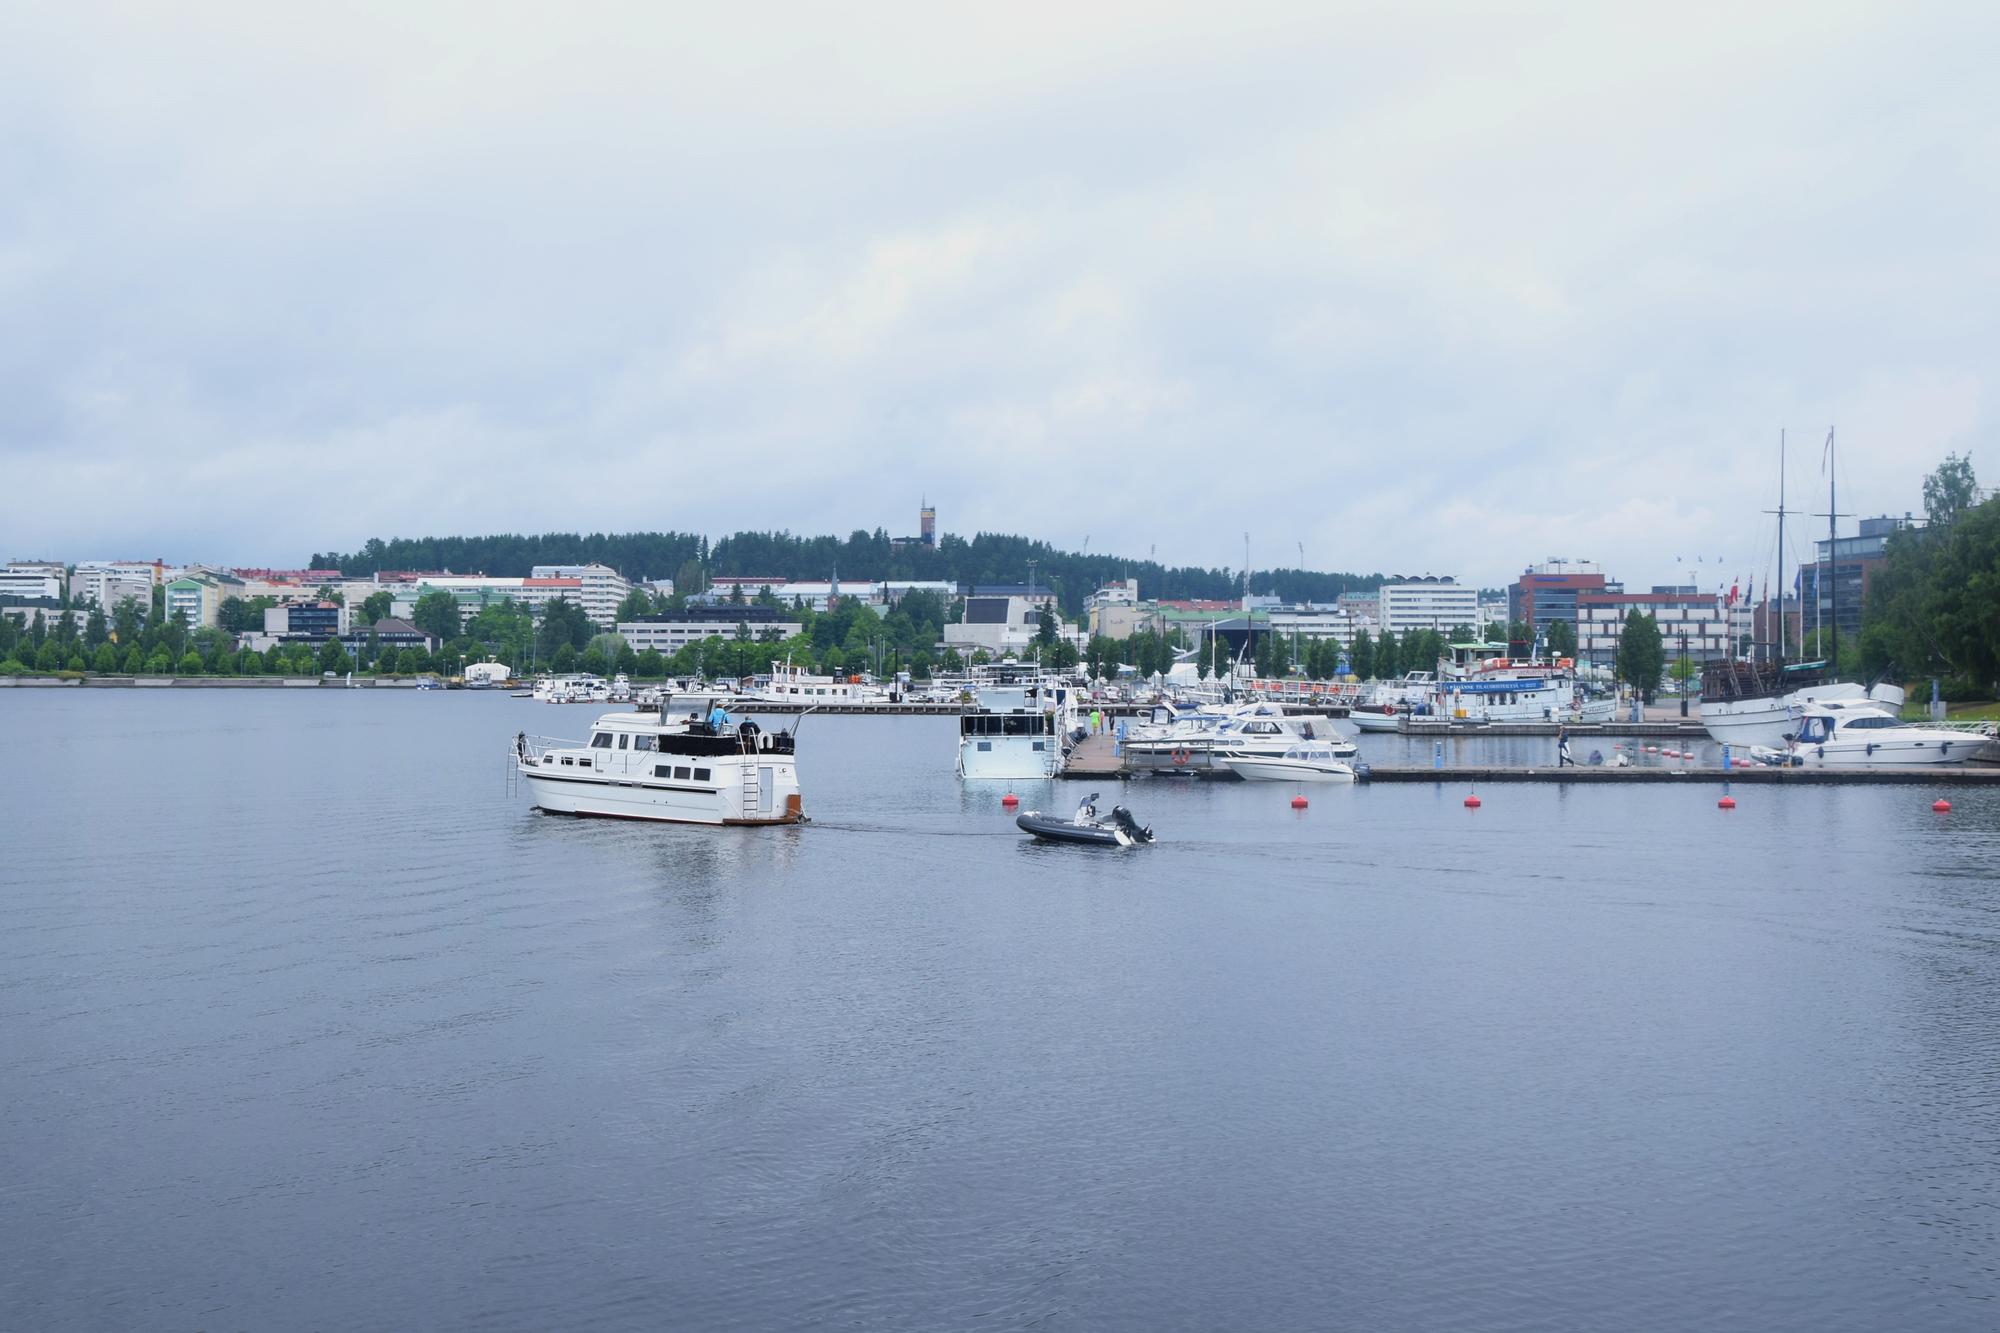 Ilmaista tekemistä Jyväskylässä on esimerkiksi kierros Jyväsjärven ympäri